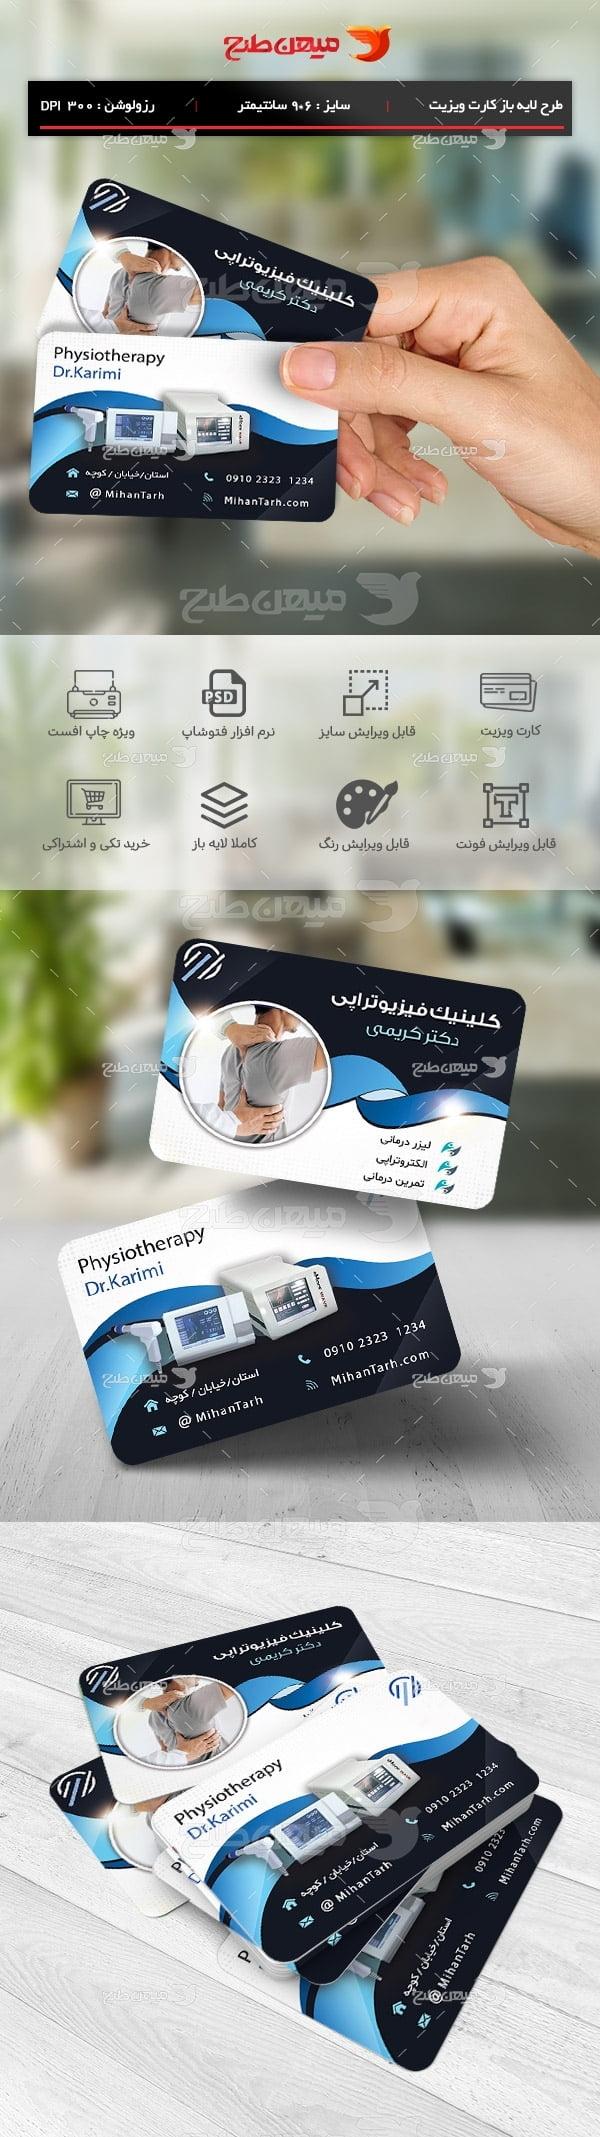 طرح لایه باز کارت ویزیت فیزیوتراپی